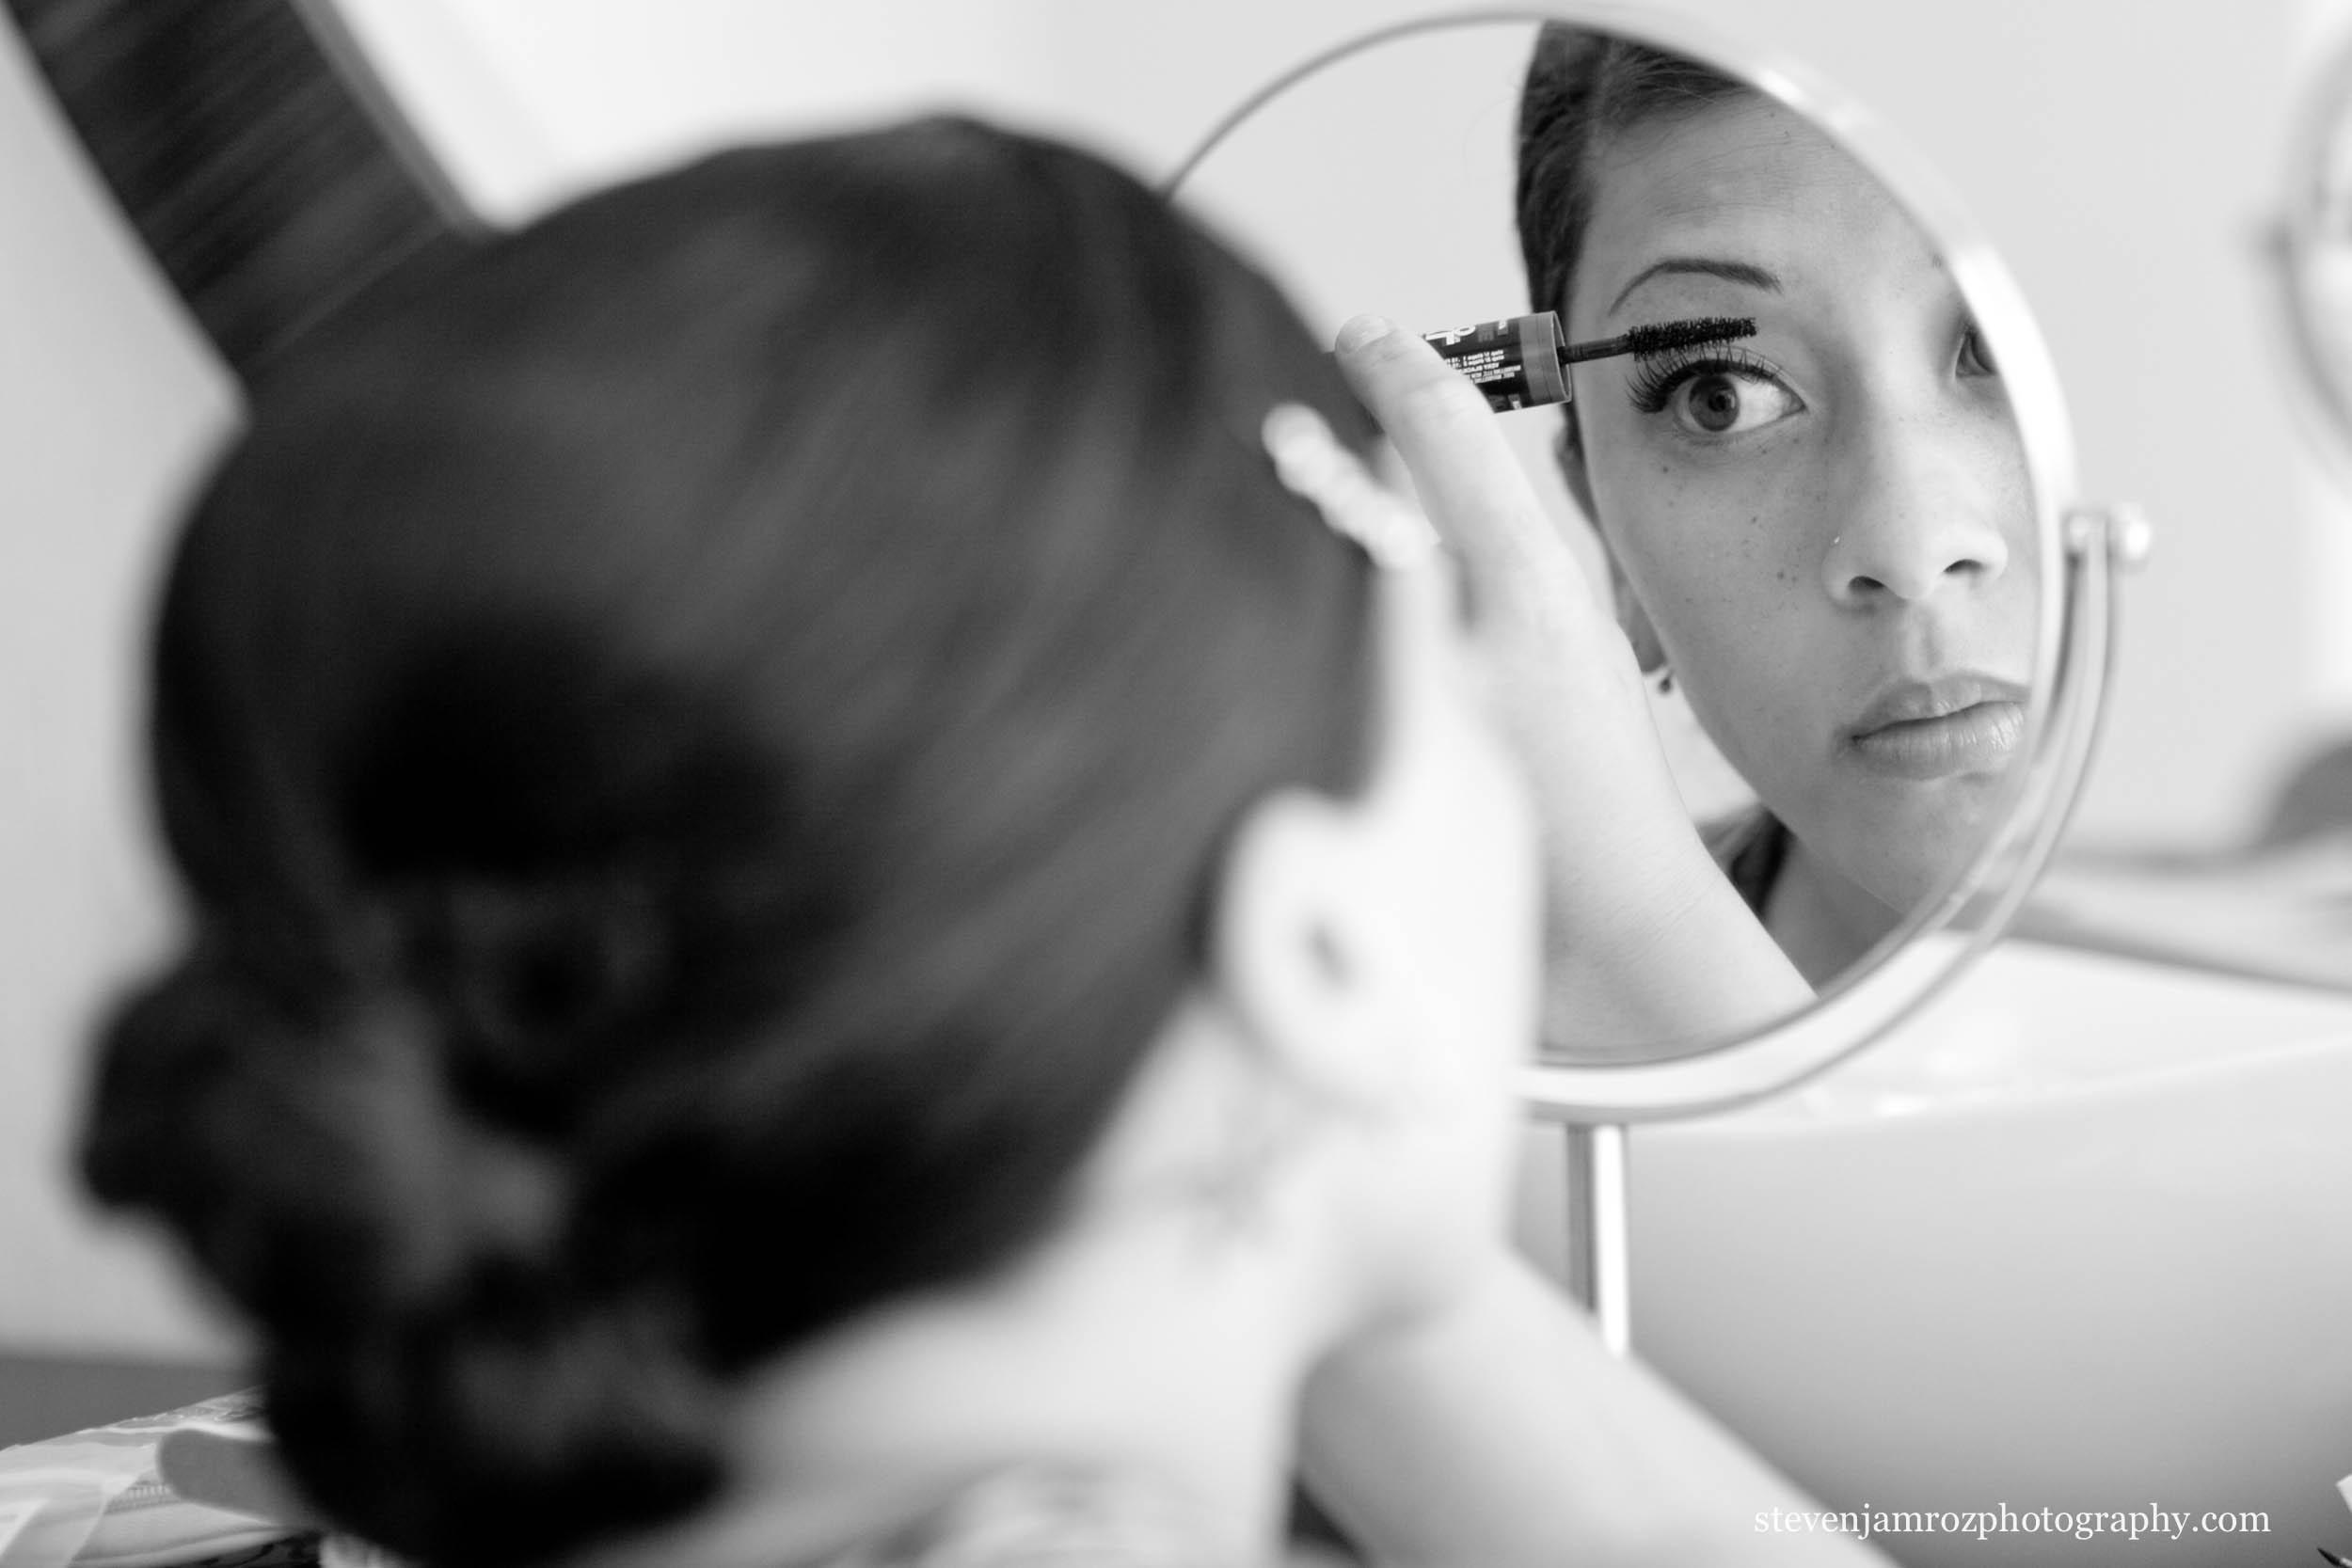 apply-makeup-wedding-get-ready-steven-jamroz-0688.jpg